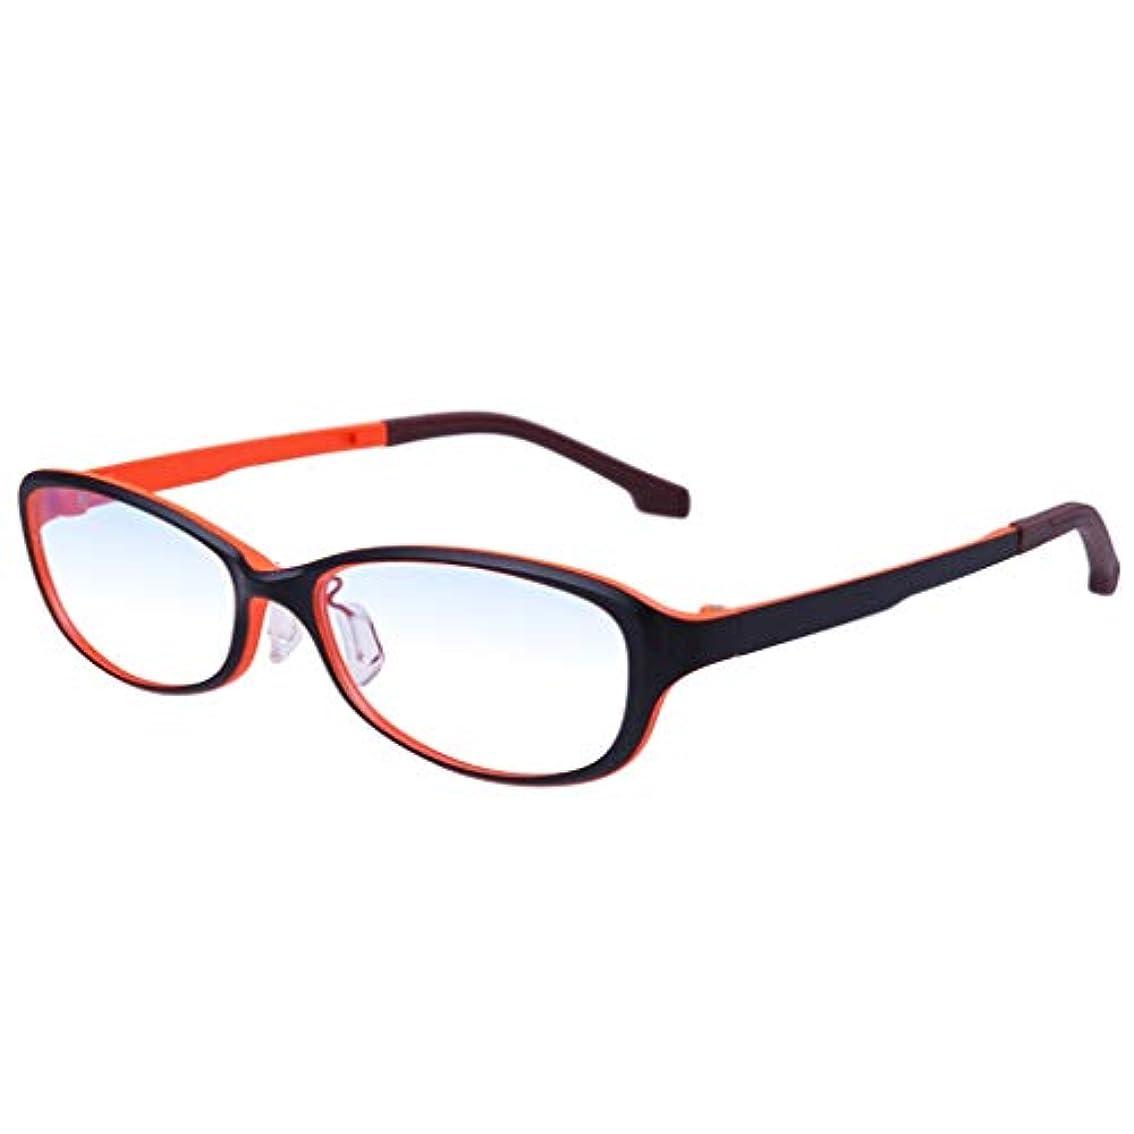 LCSHAN ファッション超軽量老眼鏡女性アンチブルーライトスマートマルチフォーカス遠近両用ズーム (Color : 200 degrees)